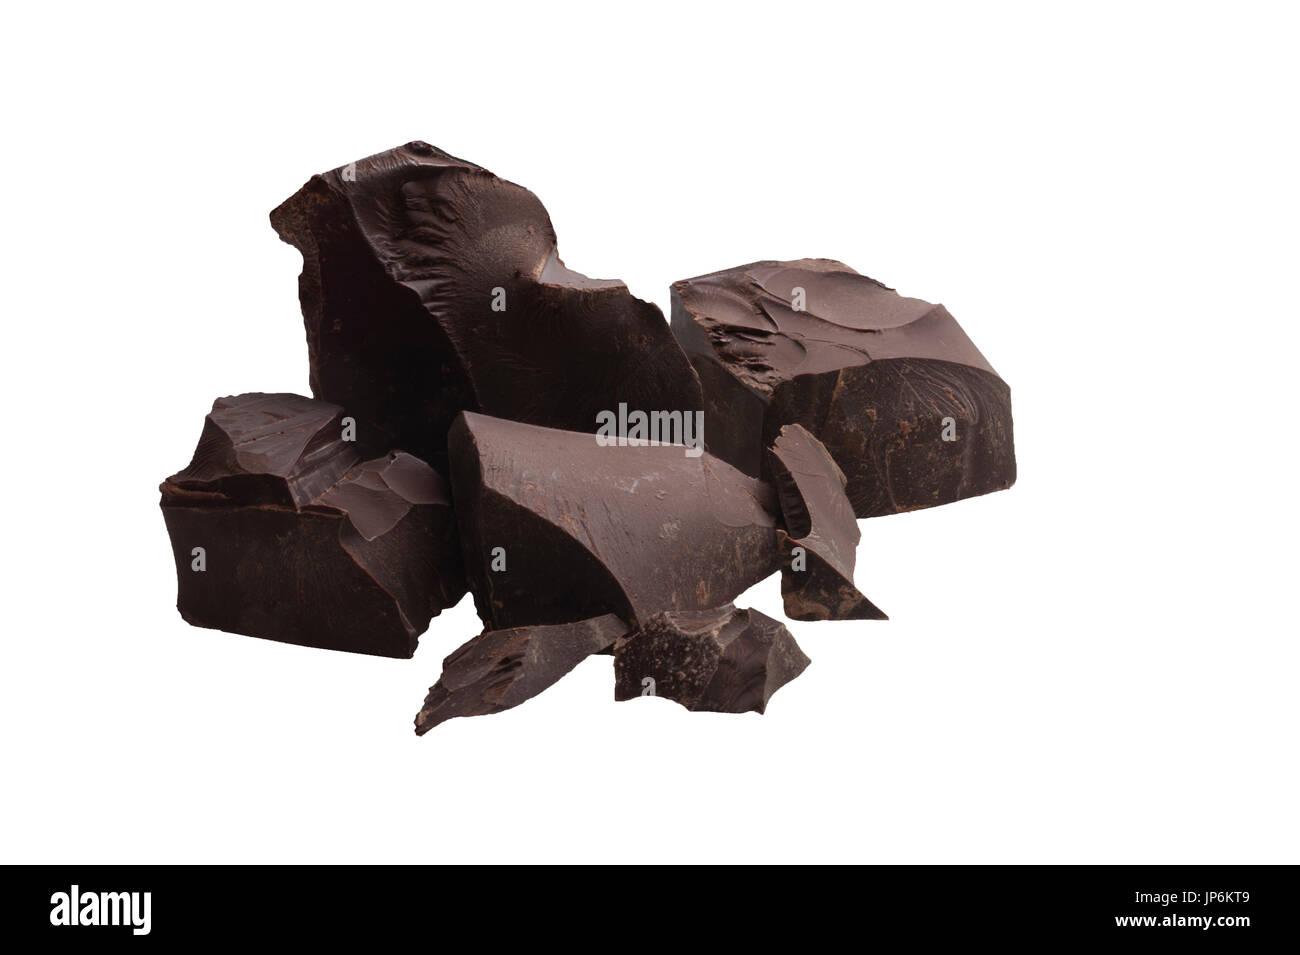 Dunkle Schokolade Brocken Stockbild